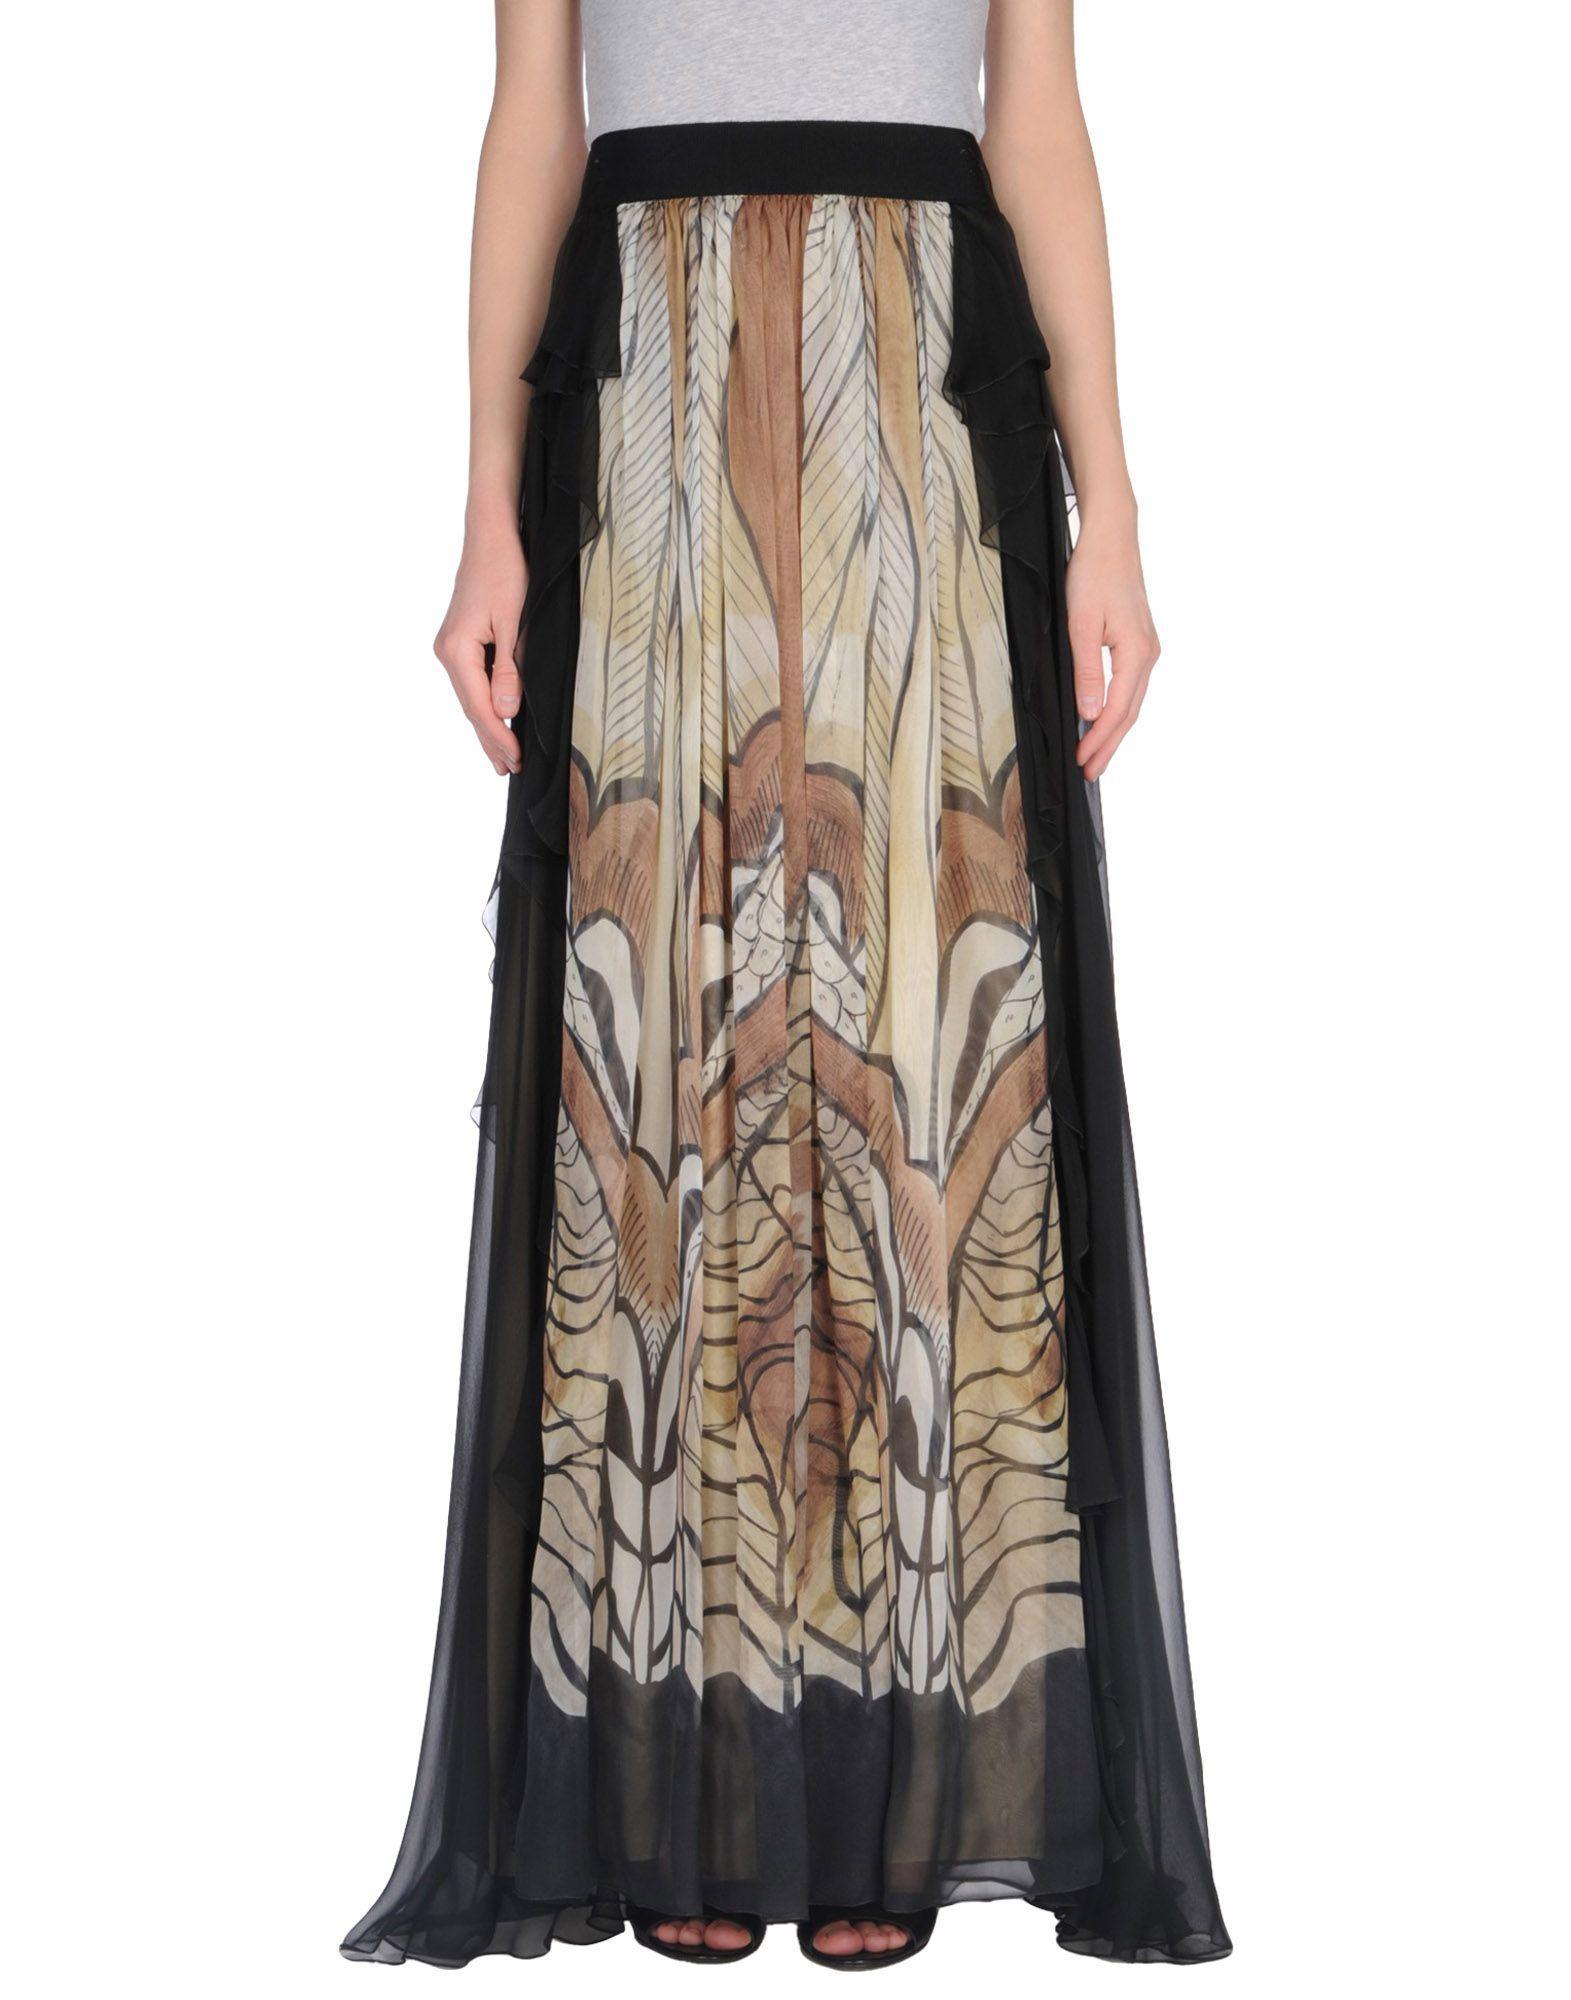 SKIRTS Woman Alberta Ferretti Khaki Silk